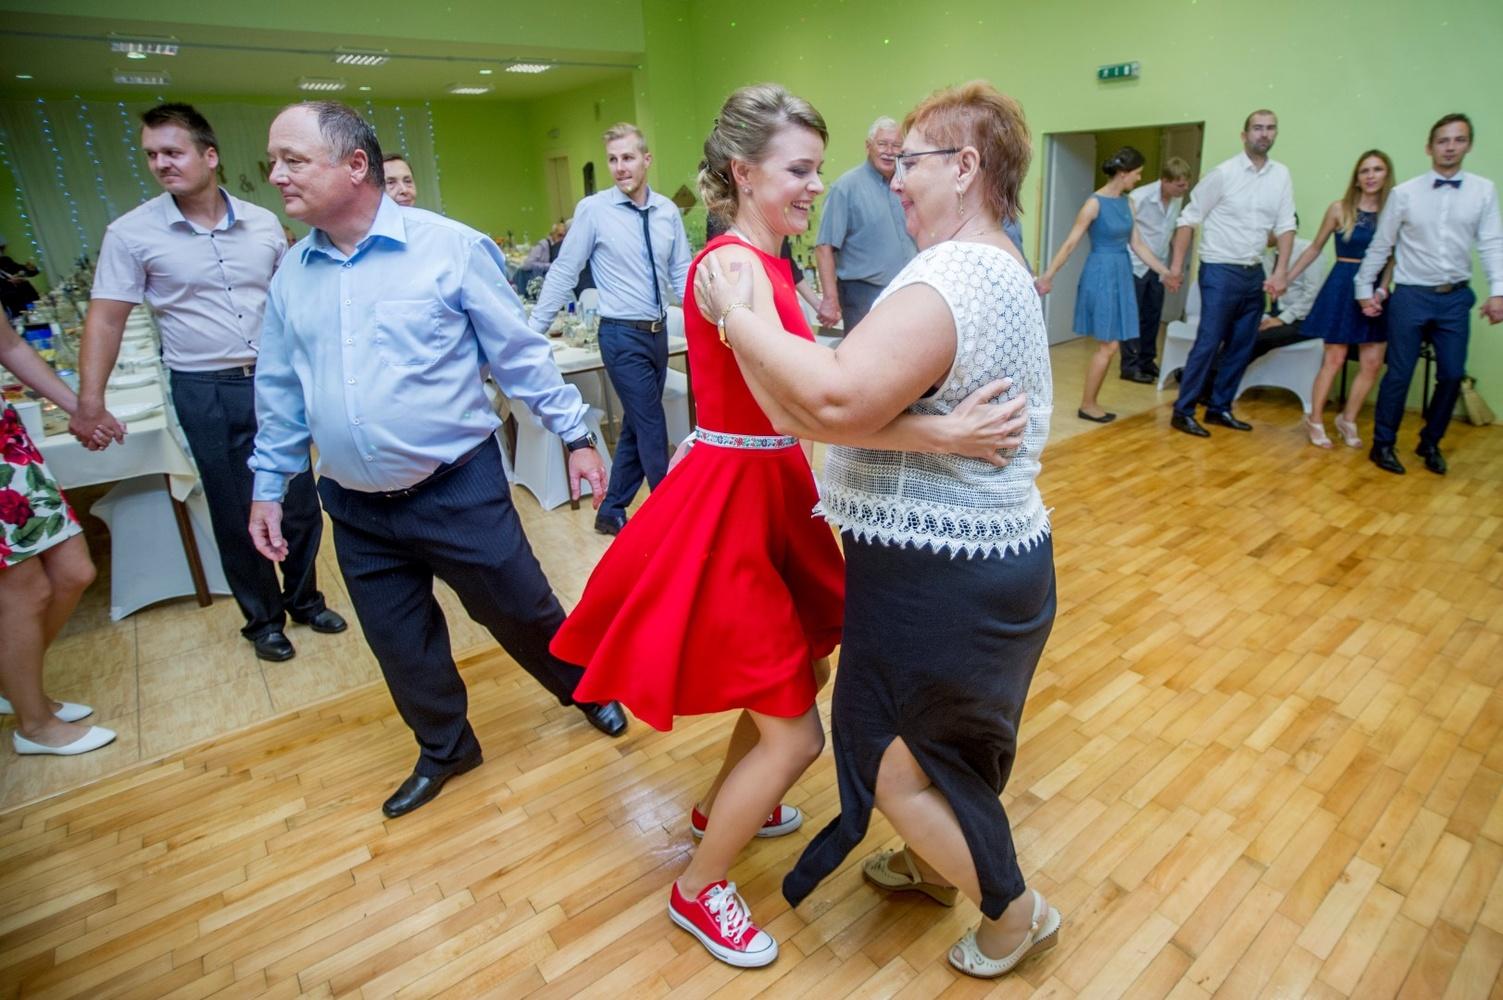 http://www.fotoz.sk/images/gallery-8/normal/eskuvoi-fotos_svadobny-fotograf_591.jpg